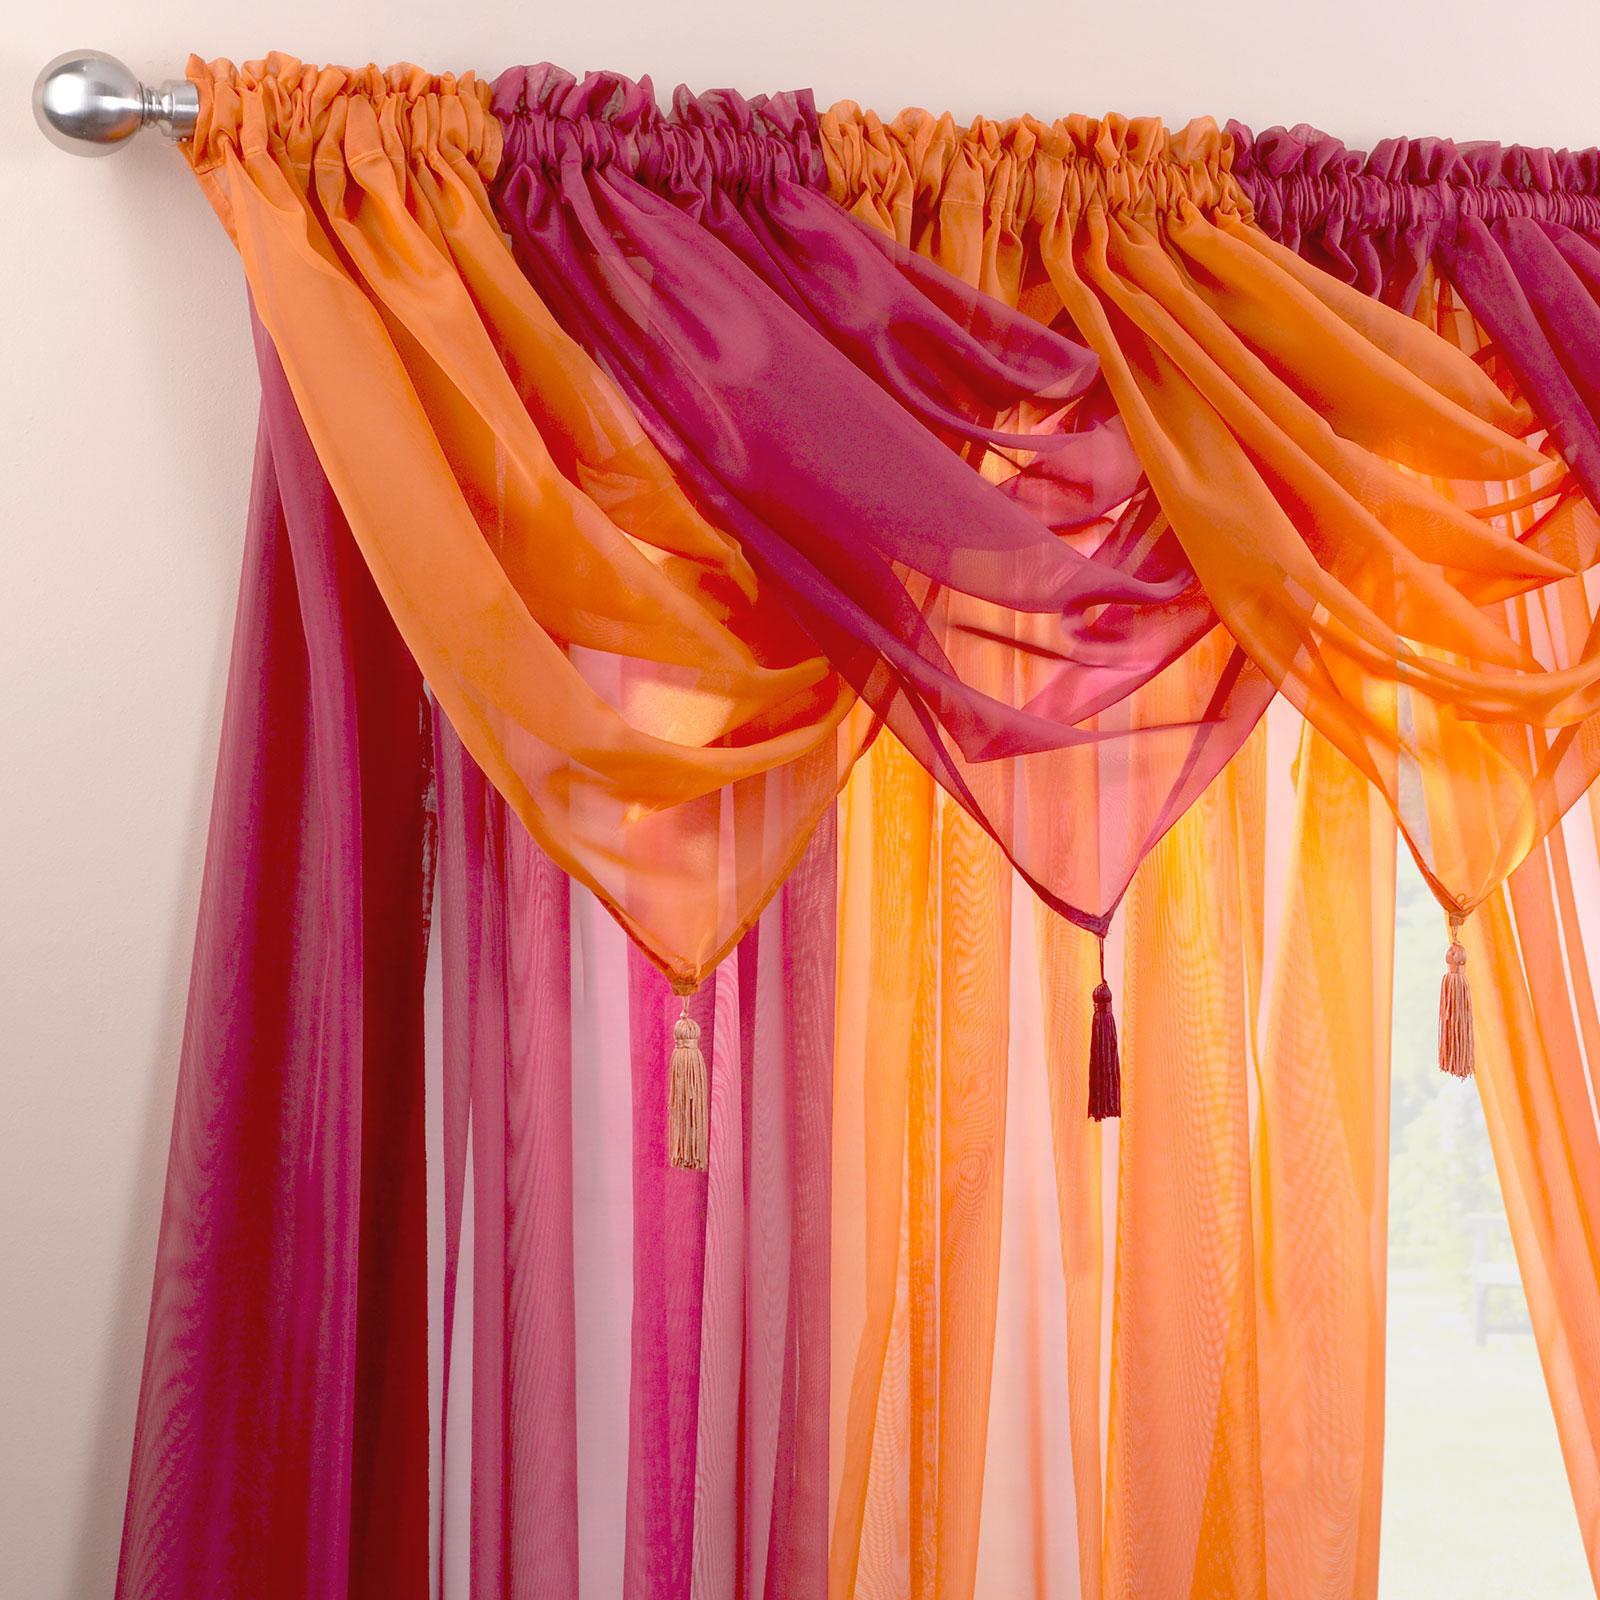 Plain Tasselled Voile Swag - Net Valance Pelmet For Curtains ...